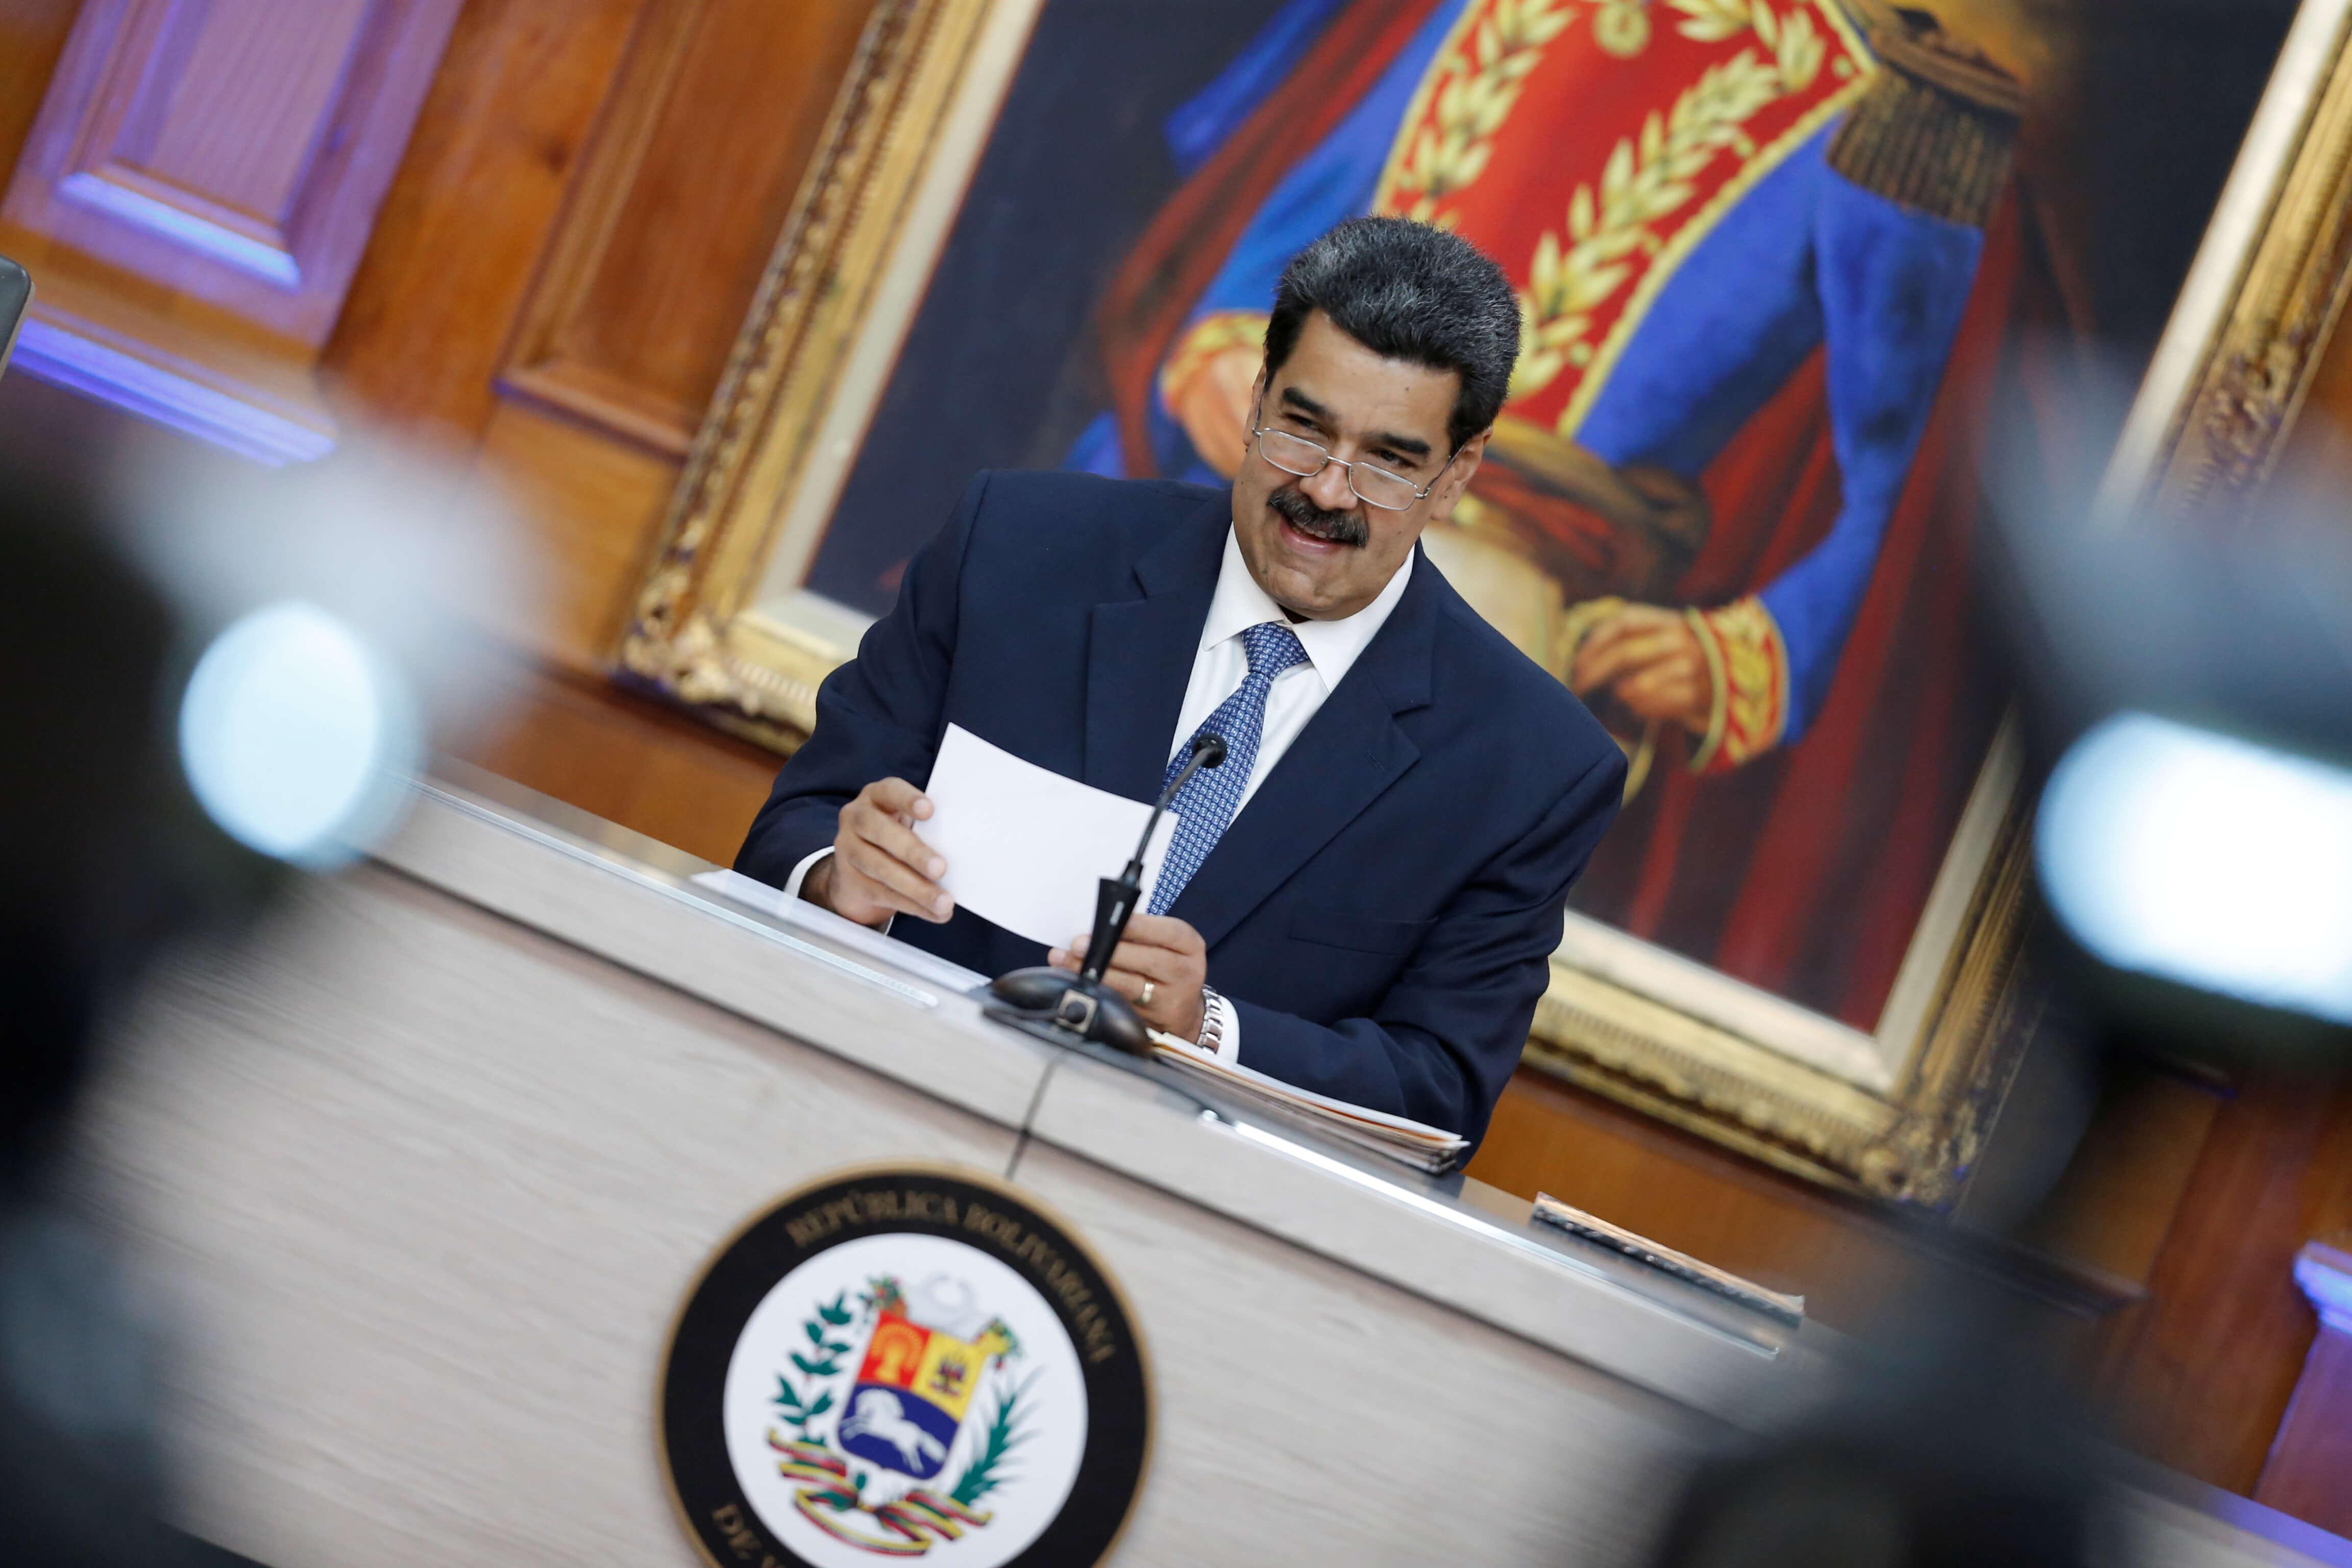 Βενεζουέλα: Στο στόχαστρο των ΗΠΑ ο Μαδούρο Junior